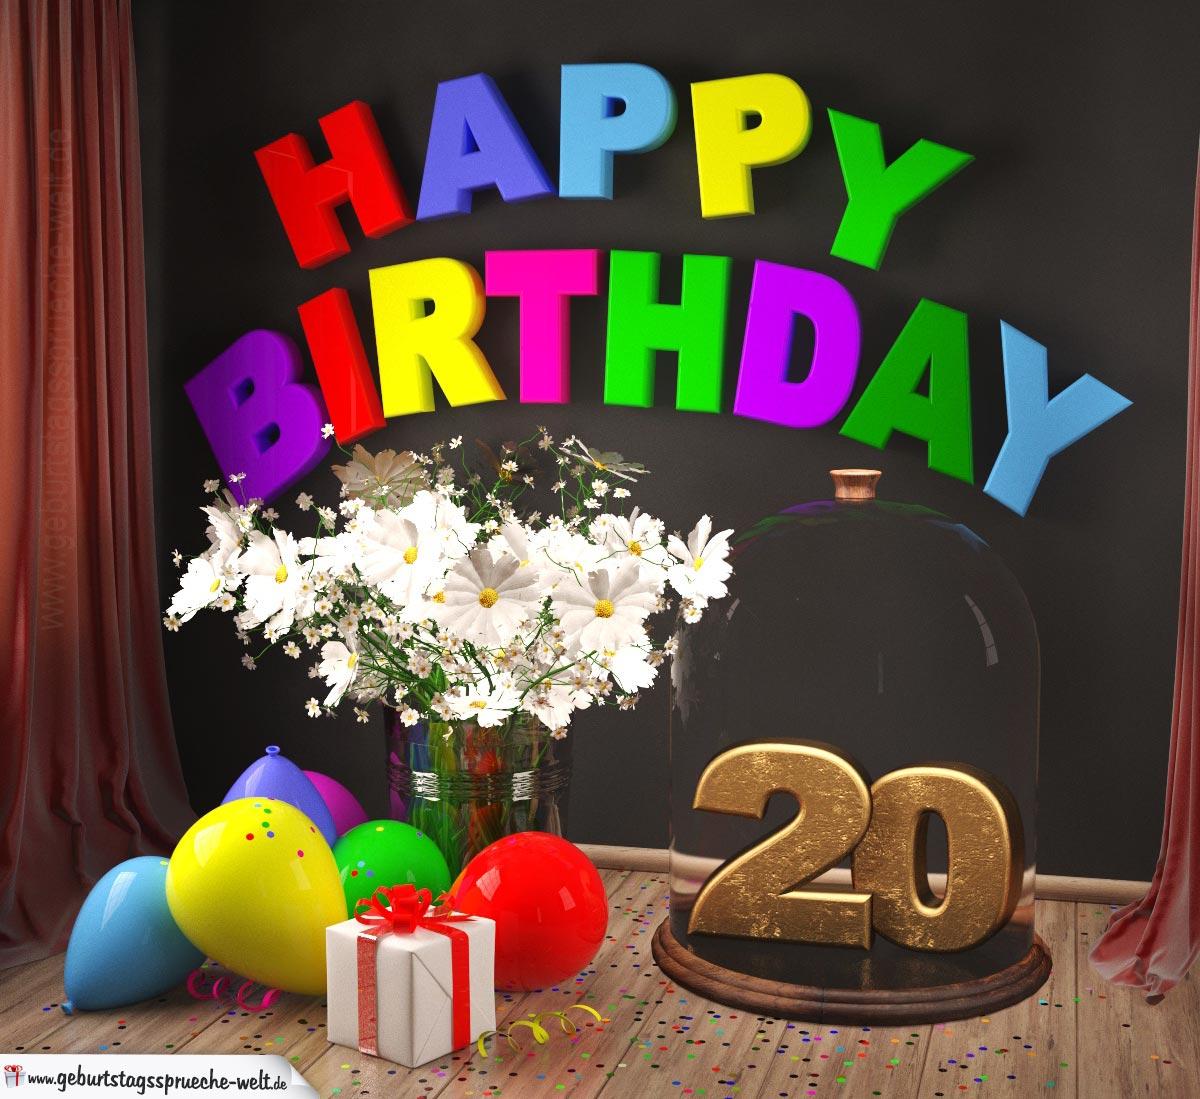 Happy Birthday 20 Jahre Glückwunschkarte mit Margeriten-Blumenstrauß, Luftballons und Geschenk unter Glasglocke